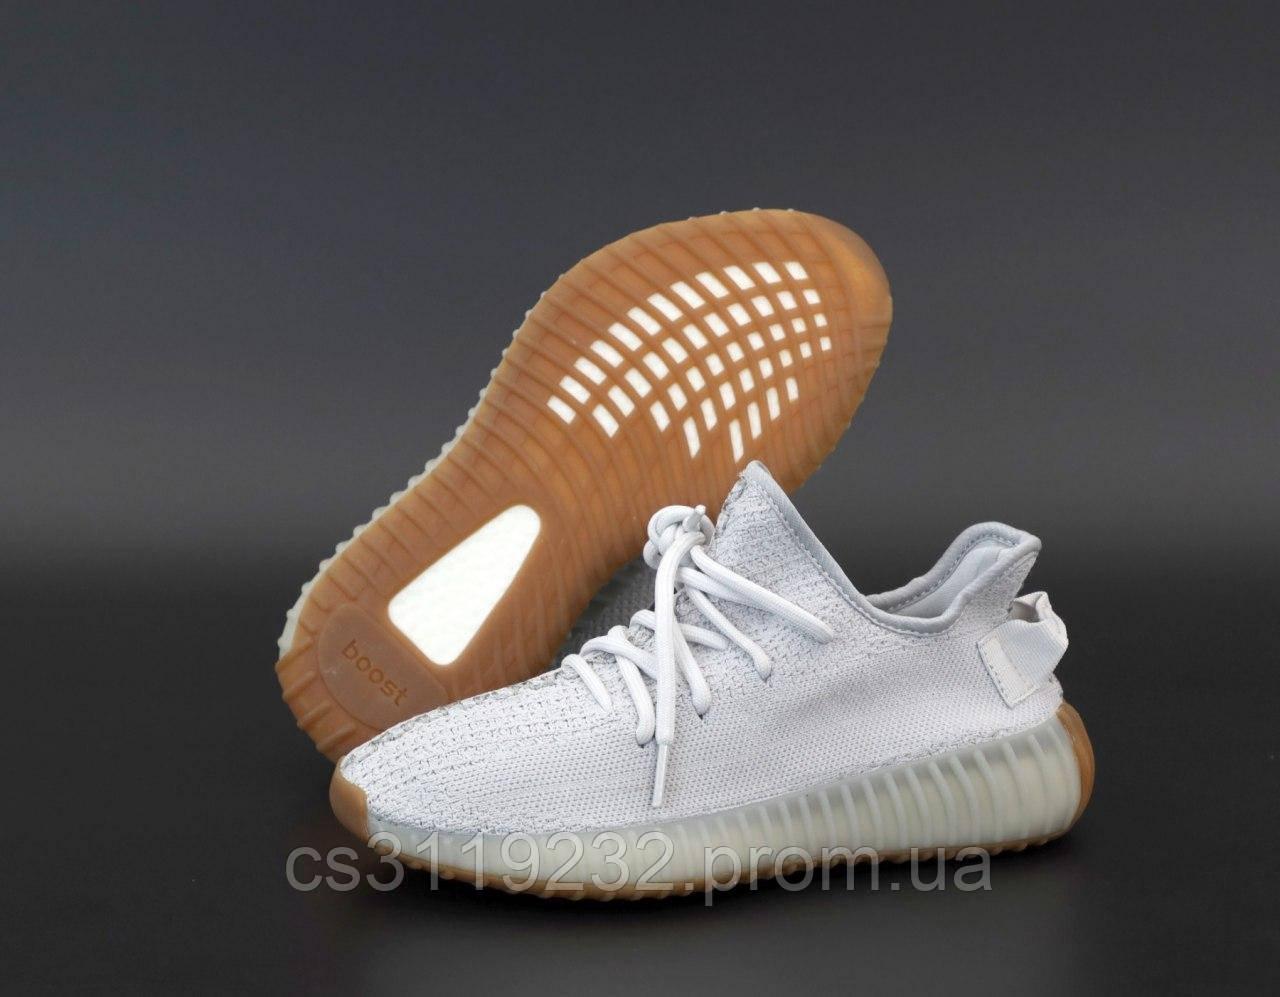 Мужские кроссовки Adidas Yeezy Boost 350 Sesame(серые)